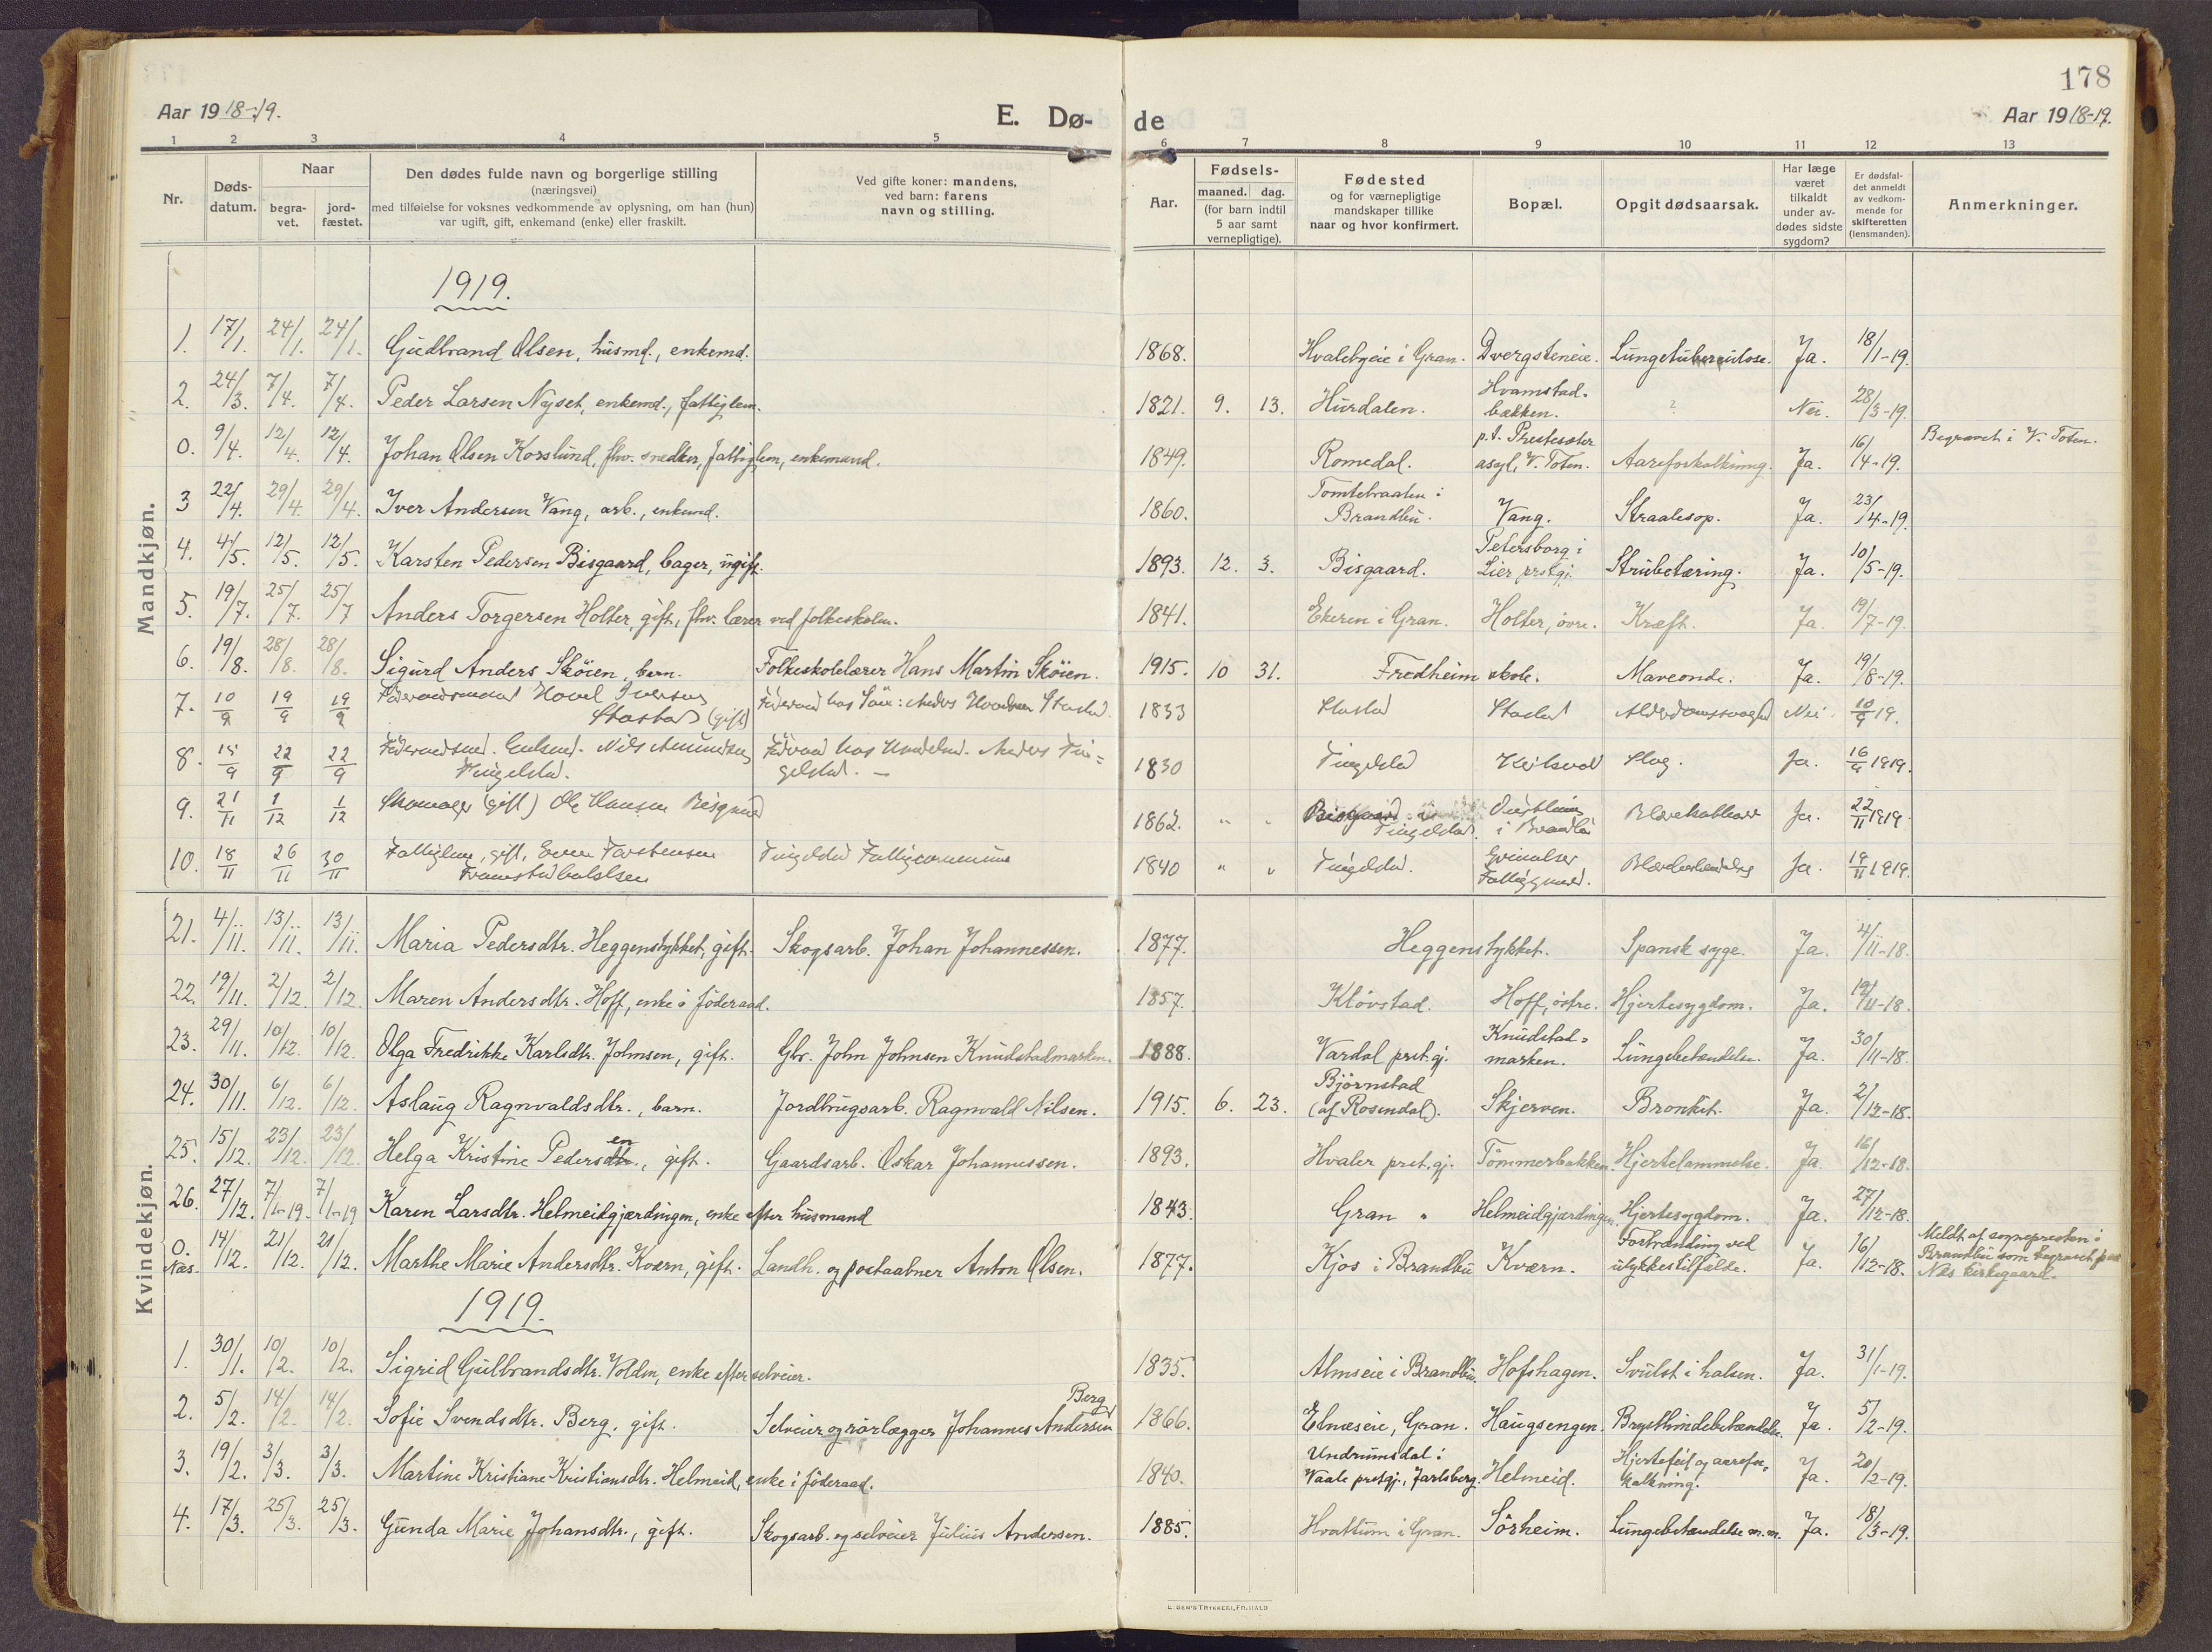 SAH, Brandbu prestekontor, Ministerialbok nr. 3, 1914-1928, s. 178